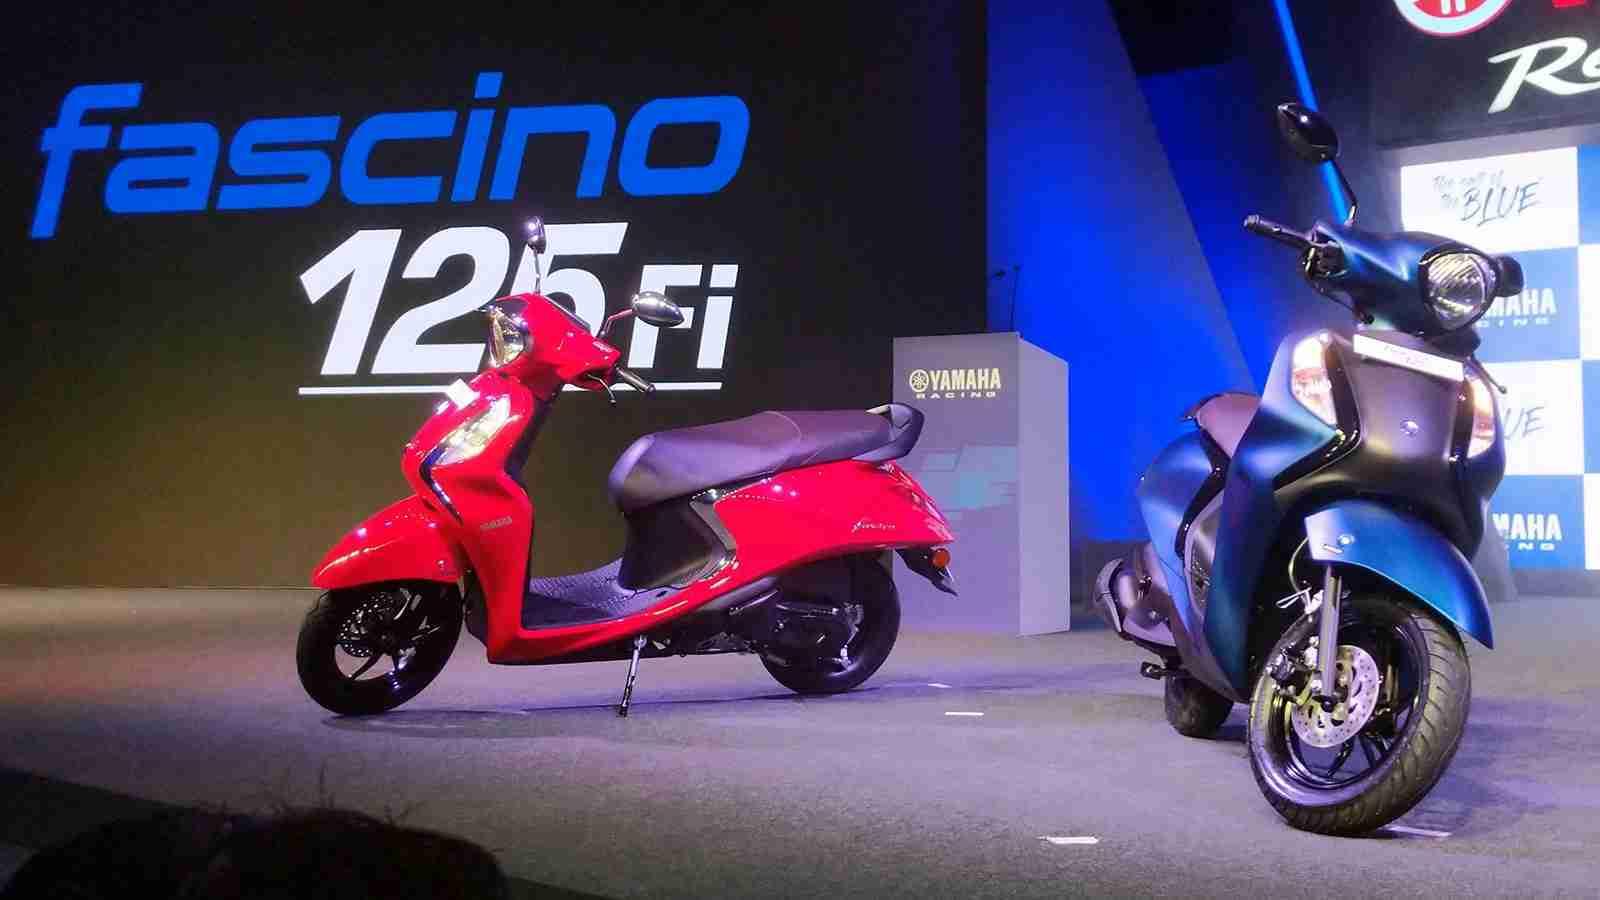 Yamaha Fascino 125 Fi launched